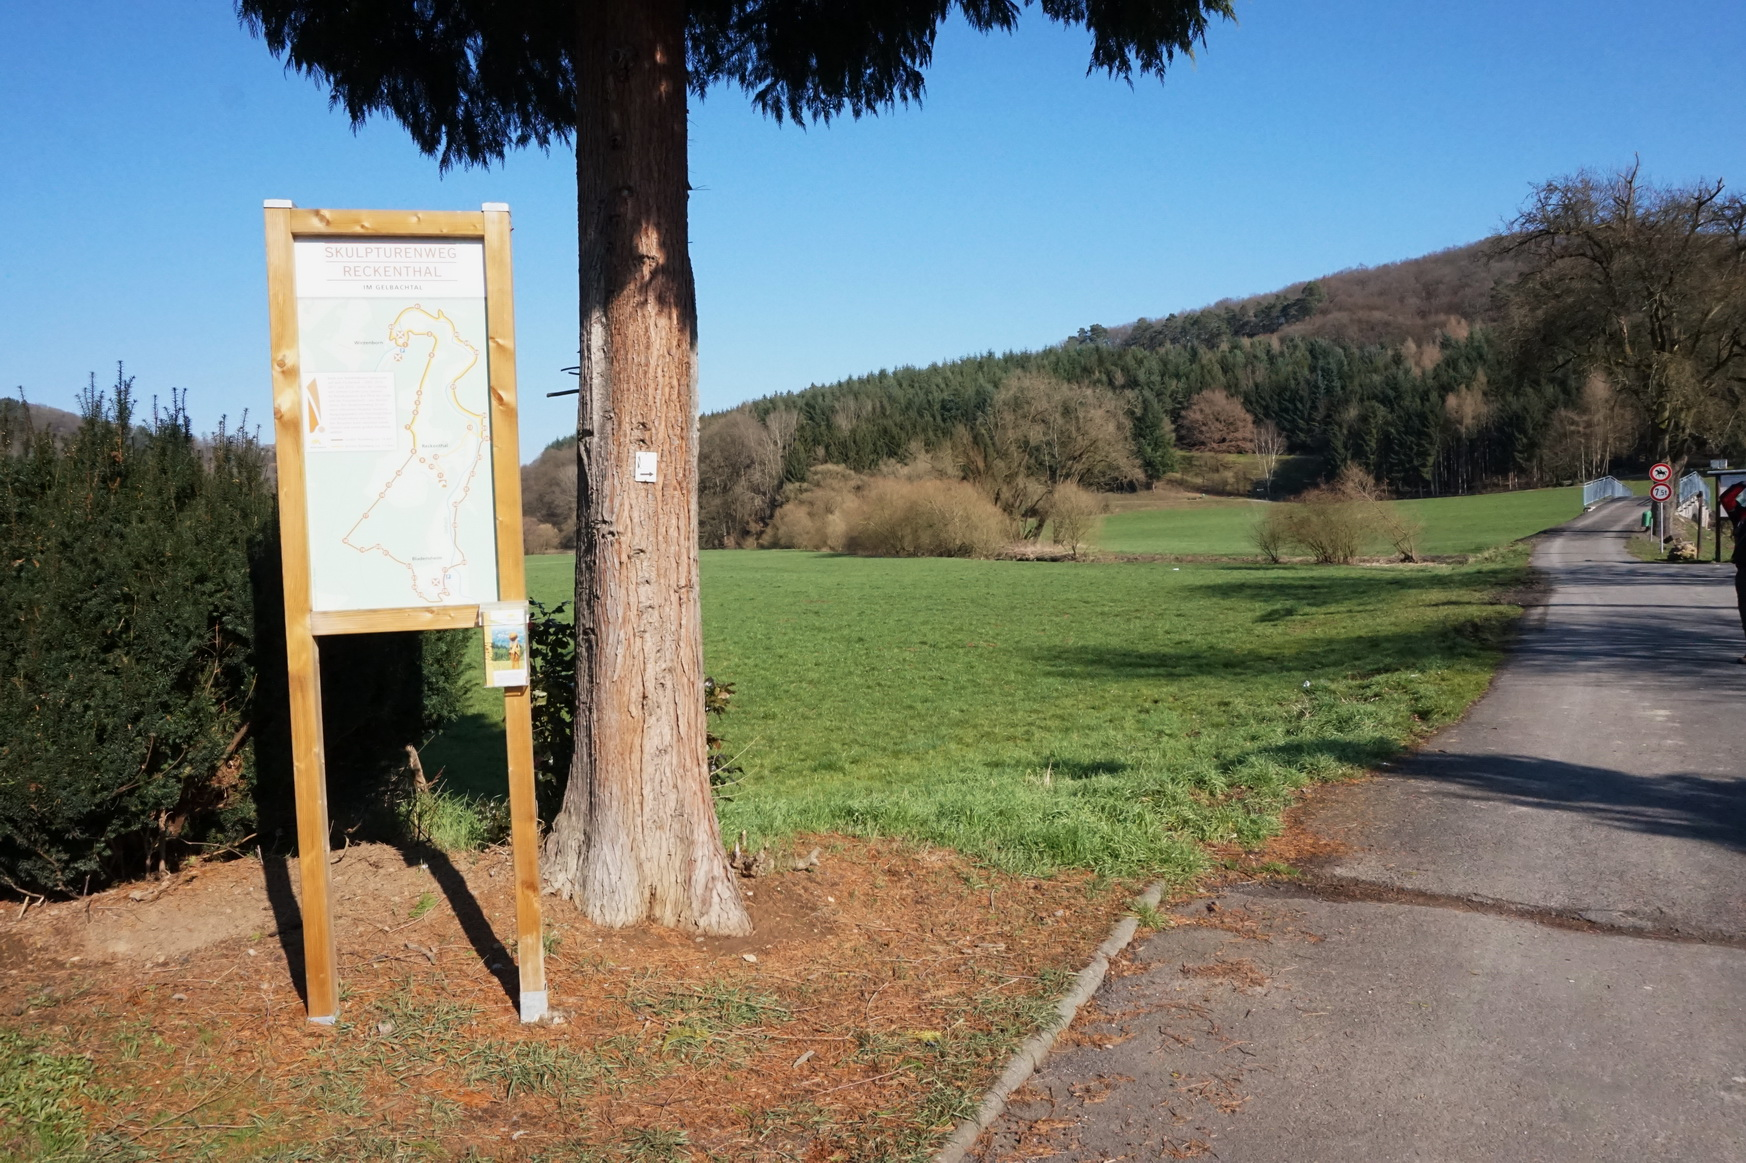 Wanderparkplatz in Bladernheim